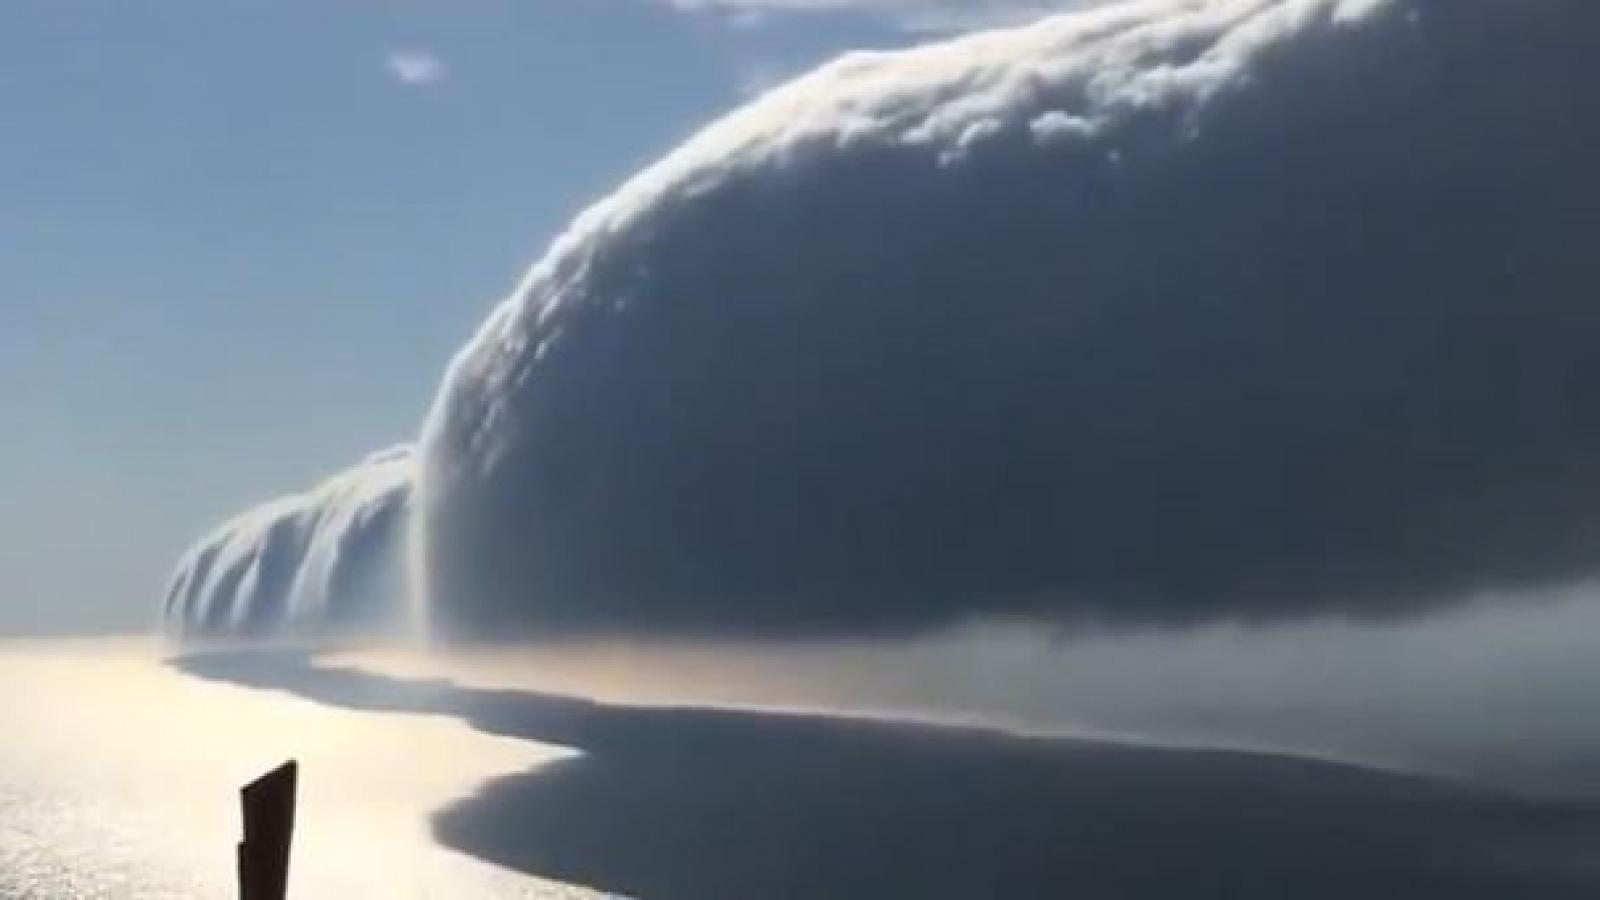 Video: Kinh ngạc cảnh mây cuộn ở Hồ Michigan đầy ngoạn mục